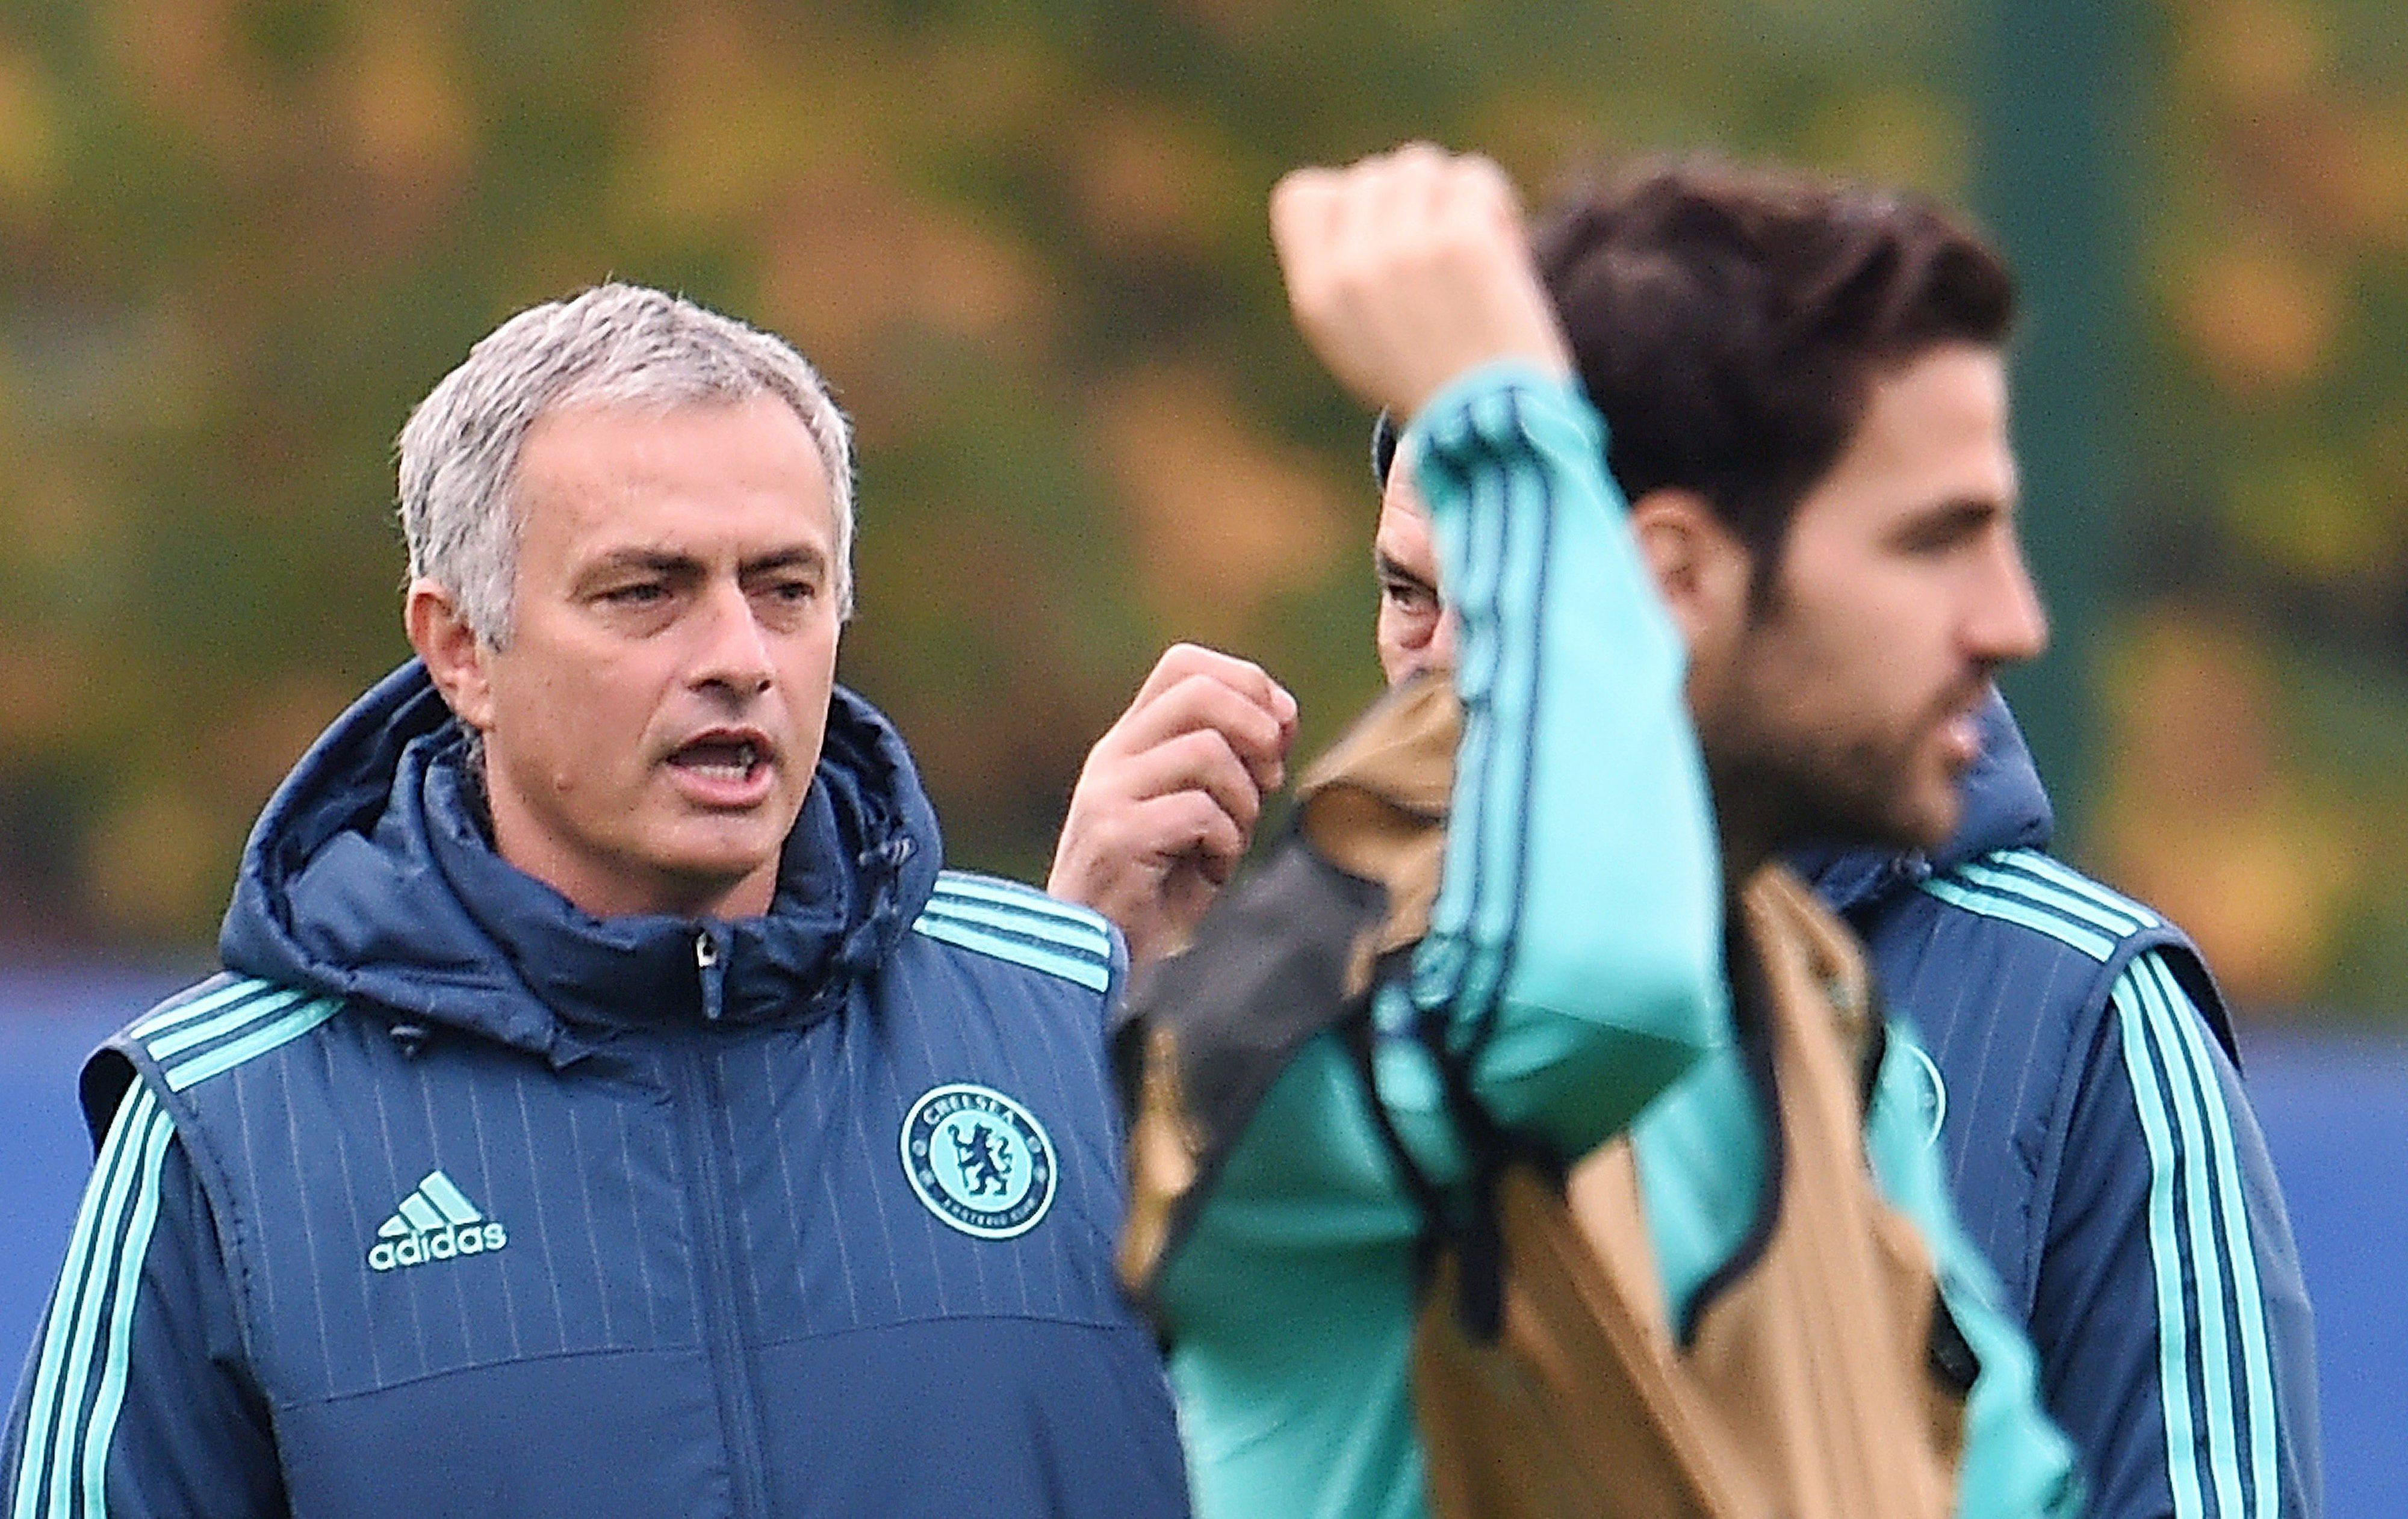 """Fàbregas: """"Mourinho foi provavelmente o treinador que jogou melhor com a minha mente"""""""